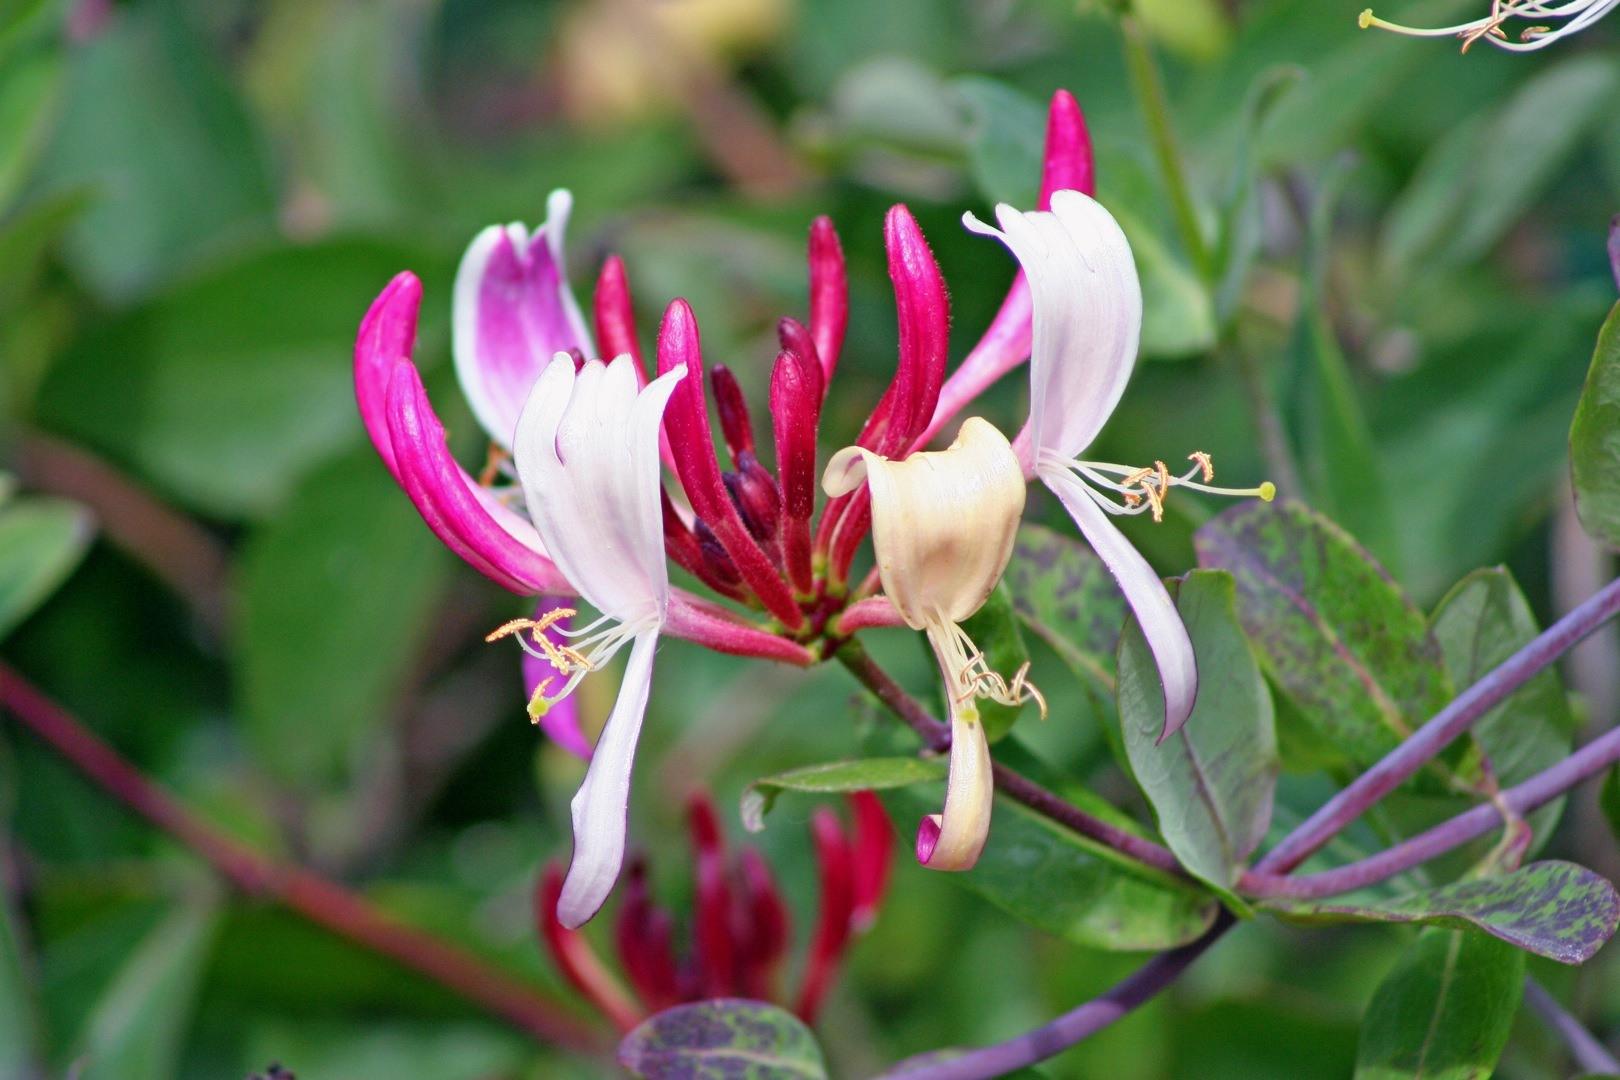 honeysuckle | Auntie Dogma's Garden Spot